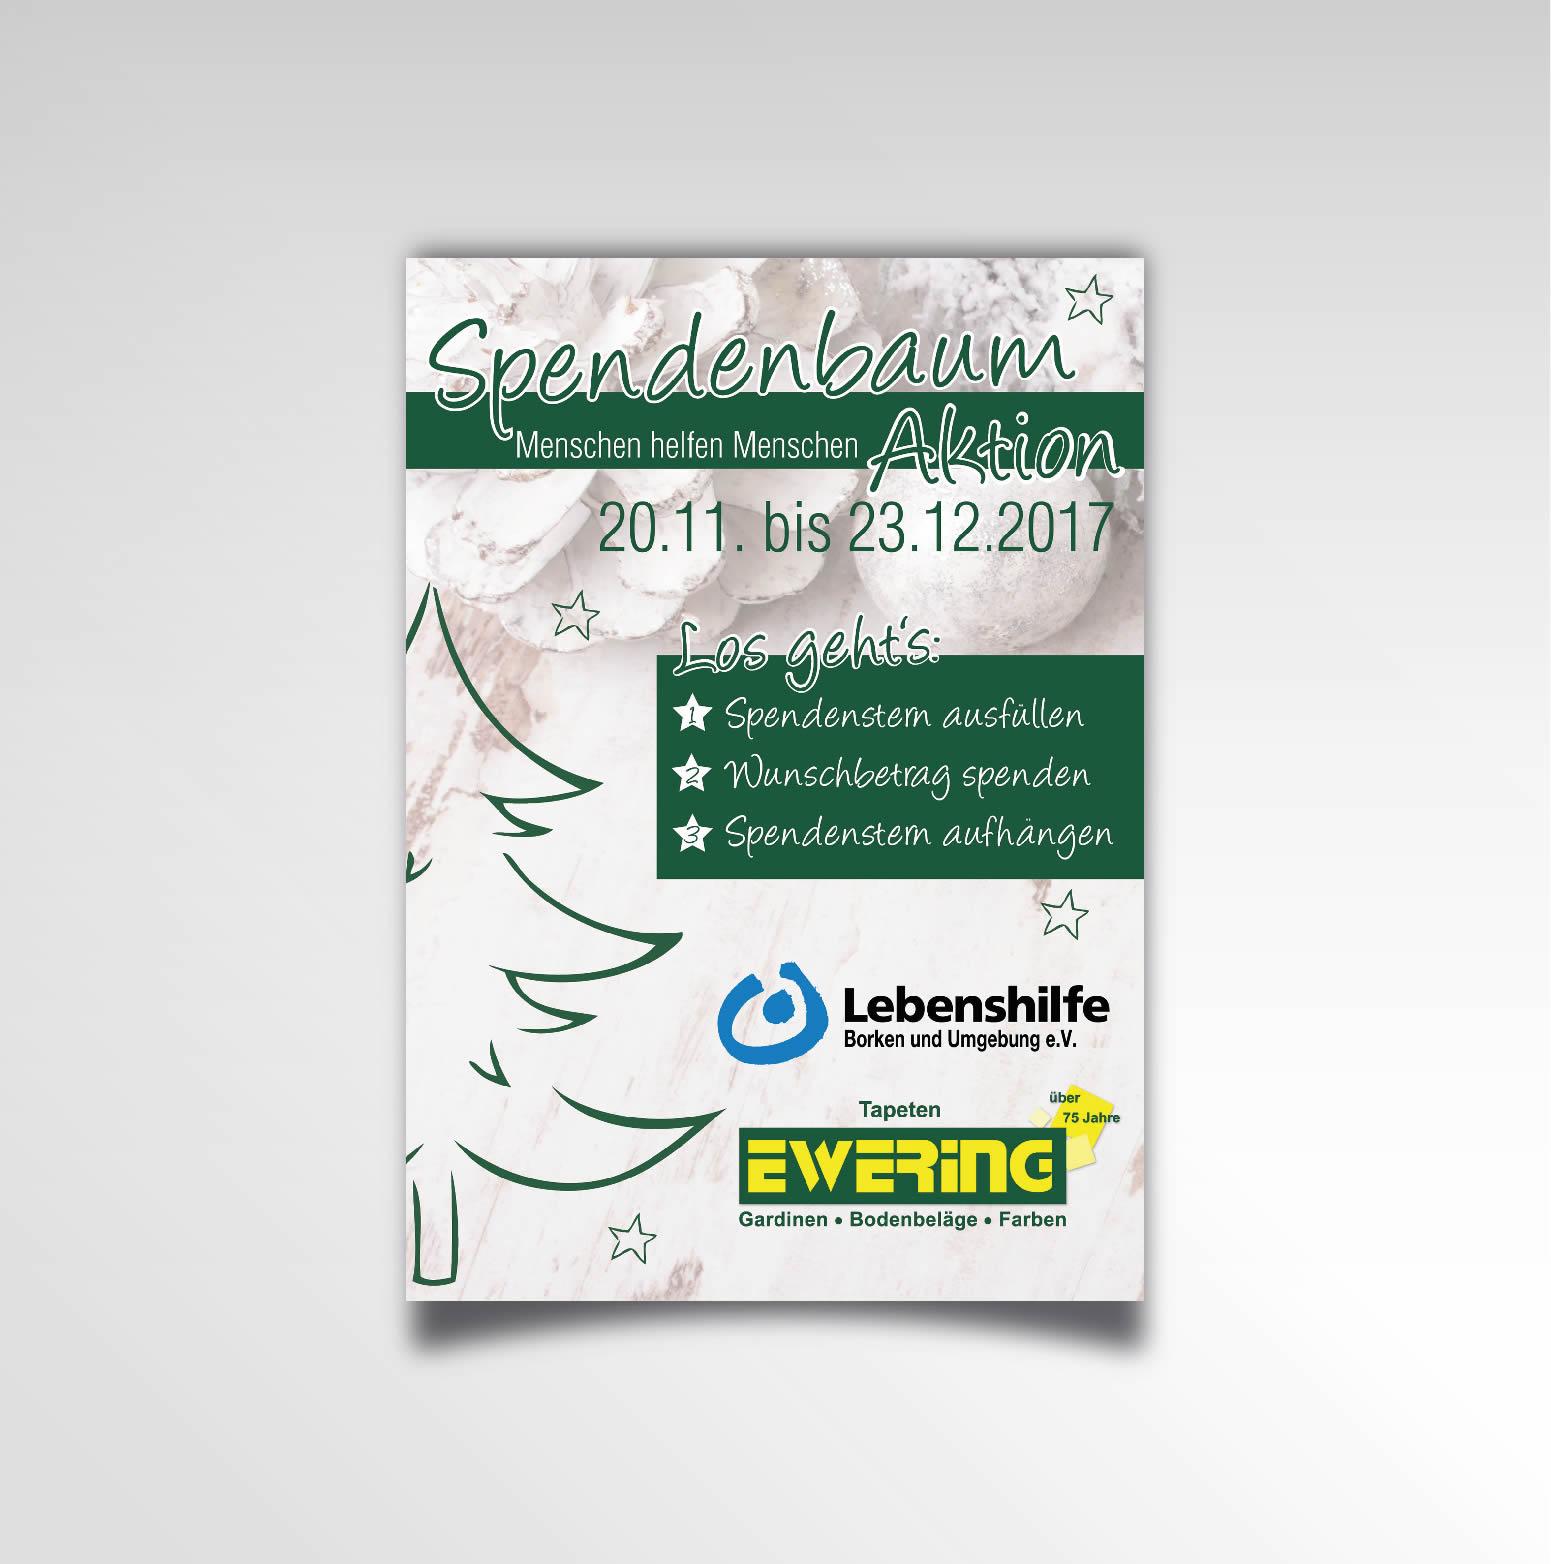 Plakat Poster Printprodukt Ewering Raumdesign Weihnachten Spendenbaum-Aktion